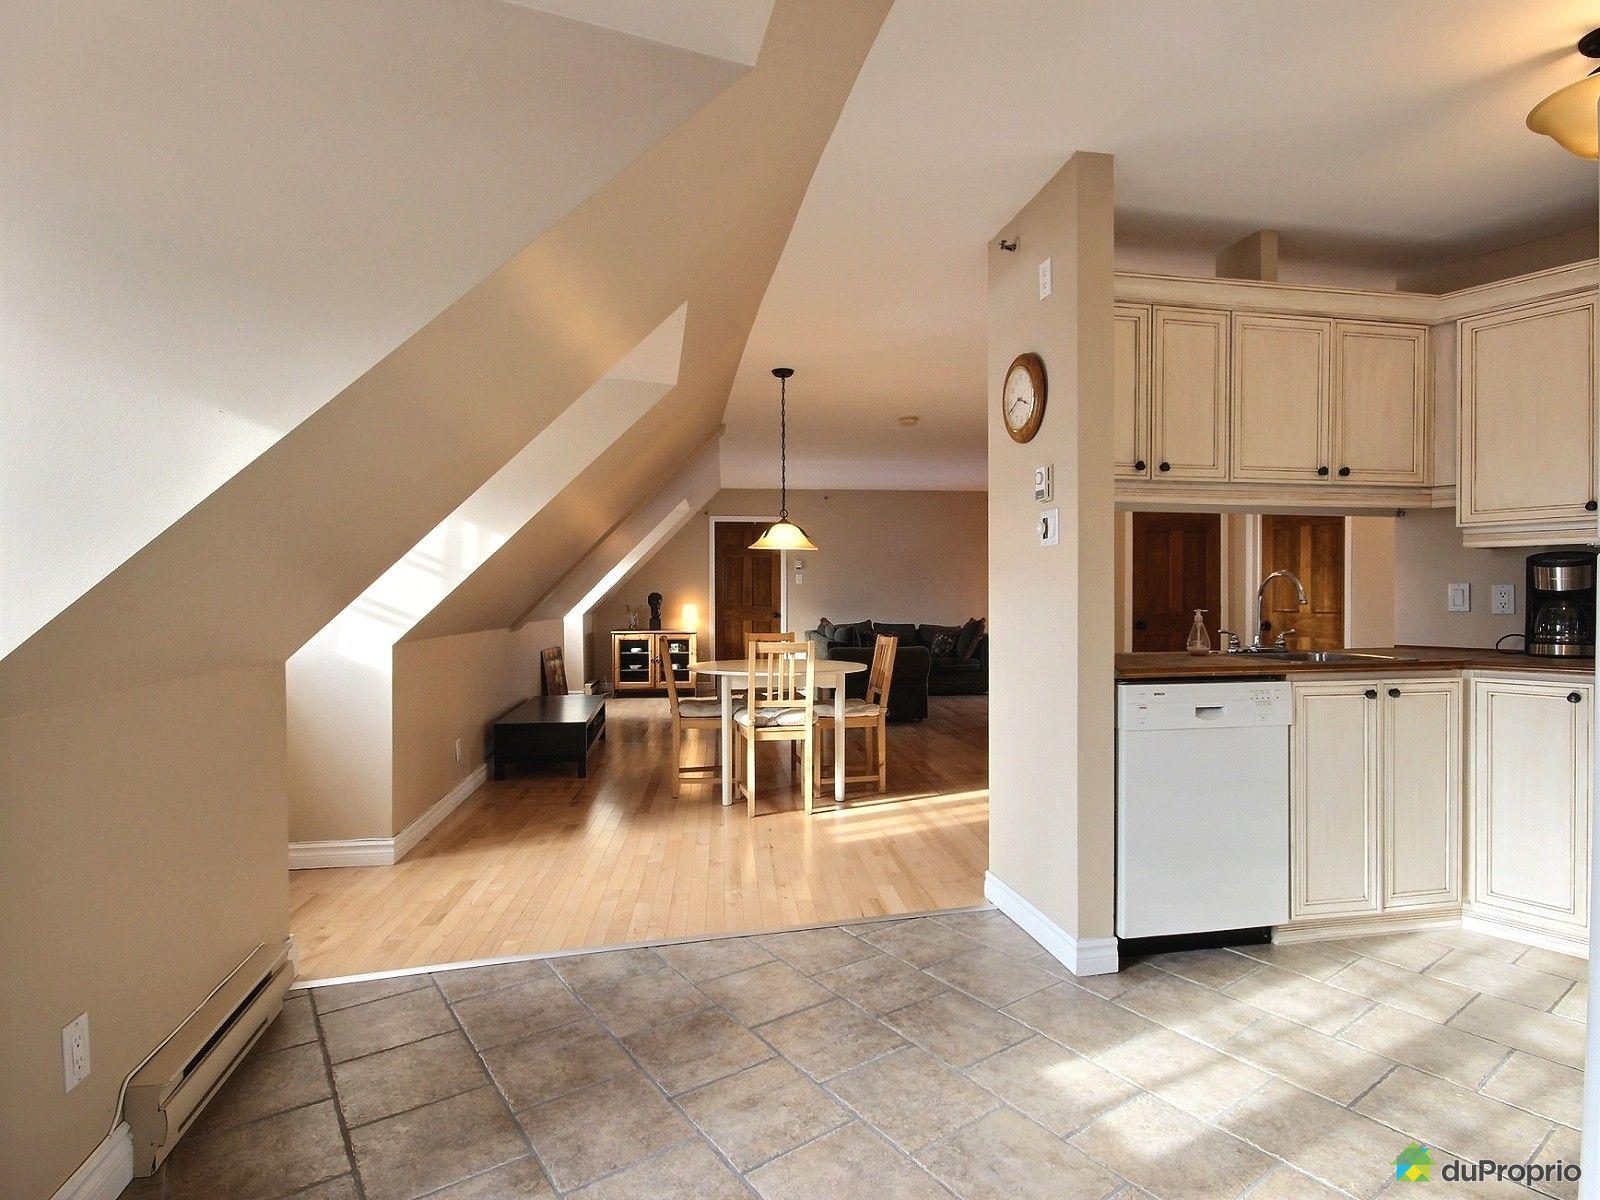 condo vendre vieux qu bec 305 5 rue des vaisseaux du roi immobilier qu bec duproprio 573822. Black Bedroom Furniture Sets. Home Design Ideas